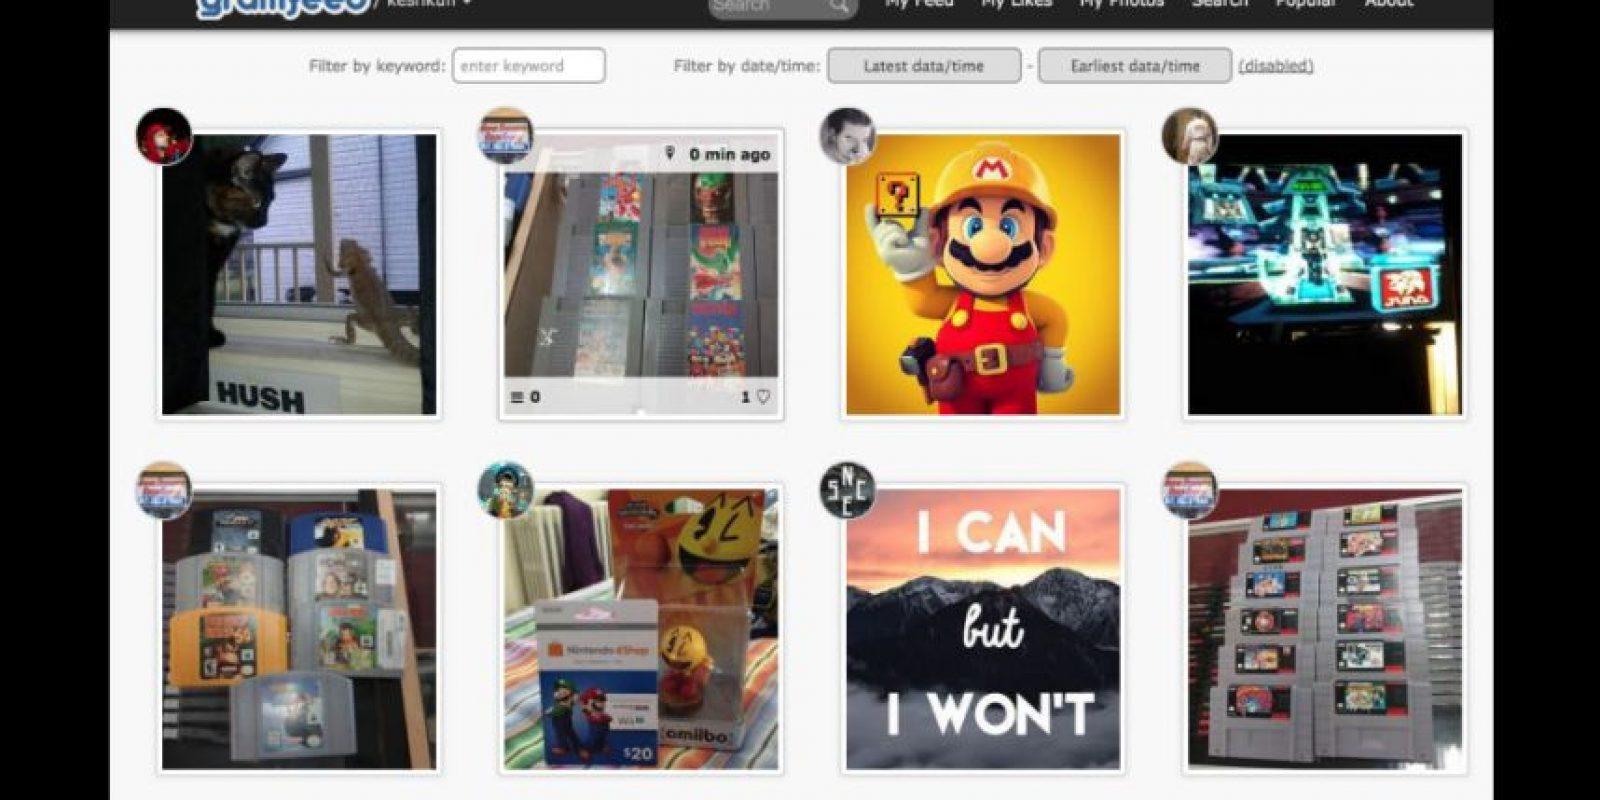 Su buscador facilita encontrar rápidamente dentro de la aplicación fotos populares, etiquetas, nuevos usuarios, fotos de acuerdo a su ubicación en Google Maps Foto:gramfeed.com/